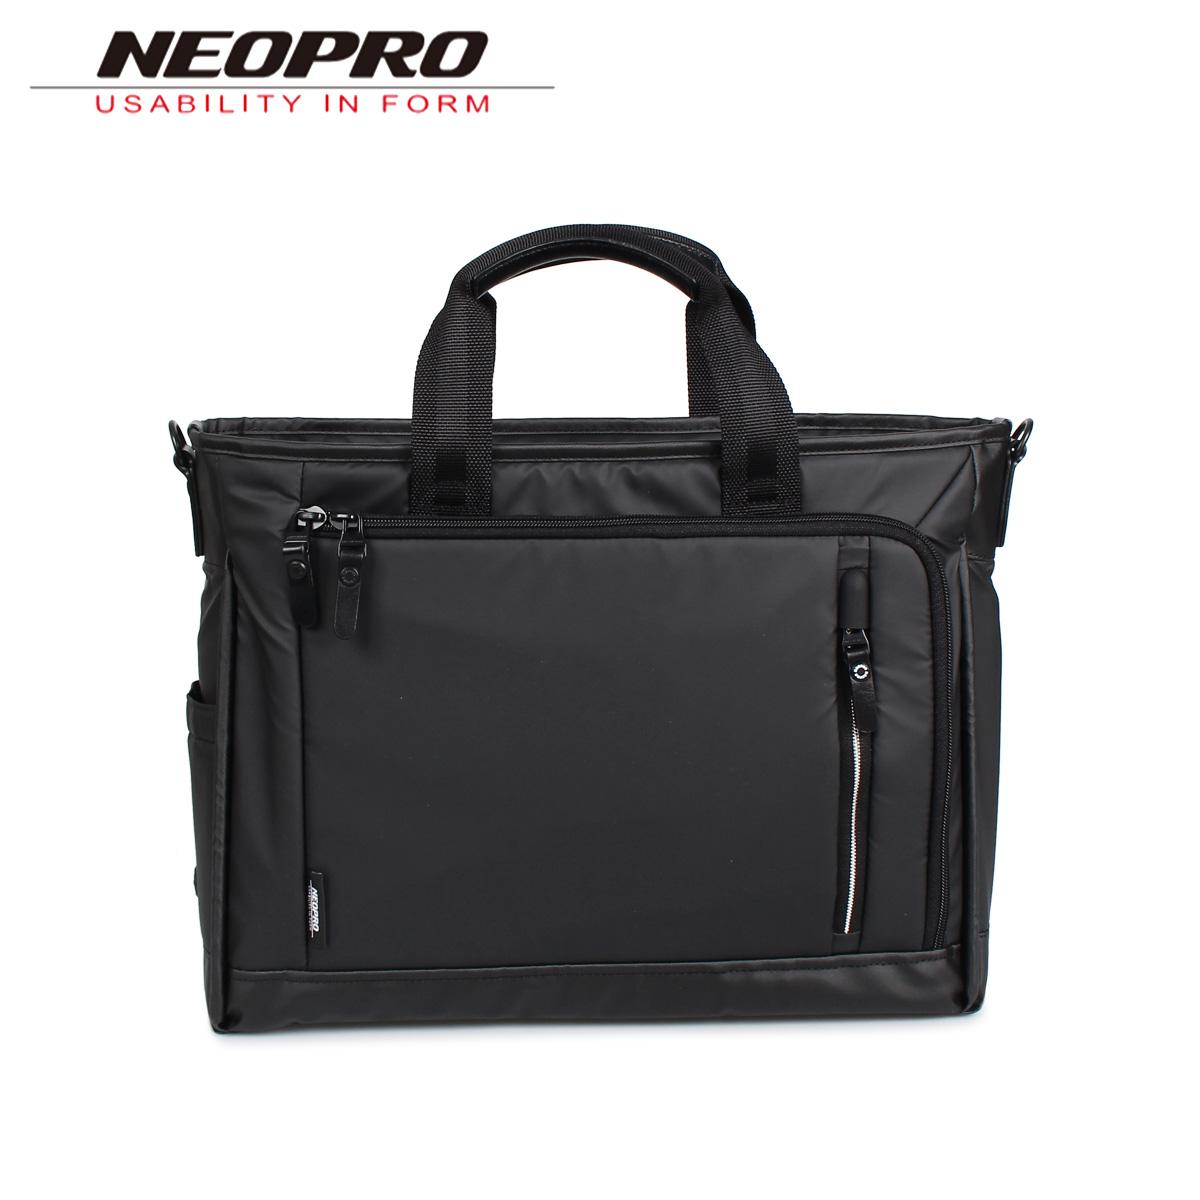 NEOPRO COMMUTE LIGHT ネオプロ ビジネスバッグ ブリーフケース ショルダーバッグ 2WAY メンズ ブラック 黒 2-760